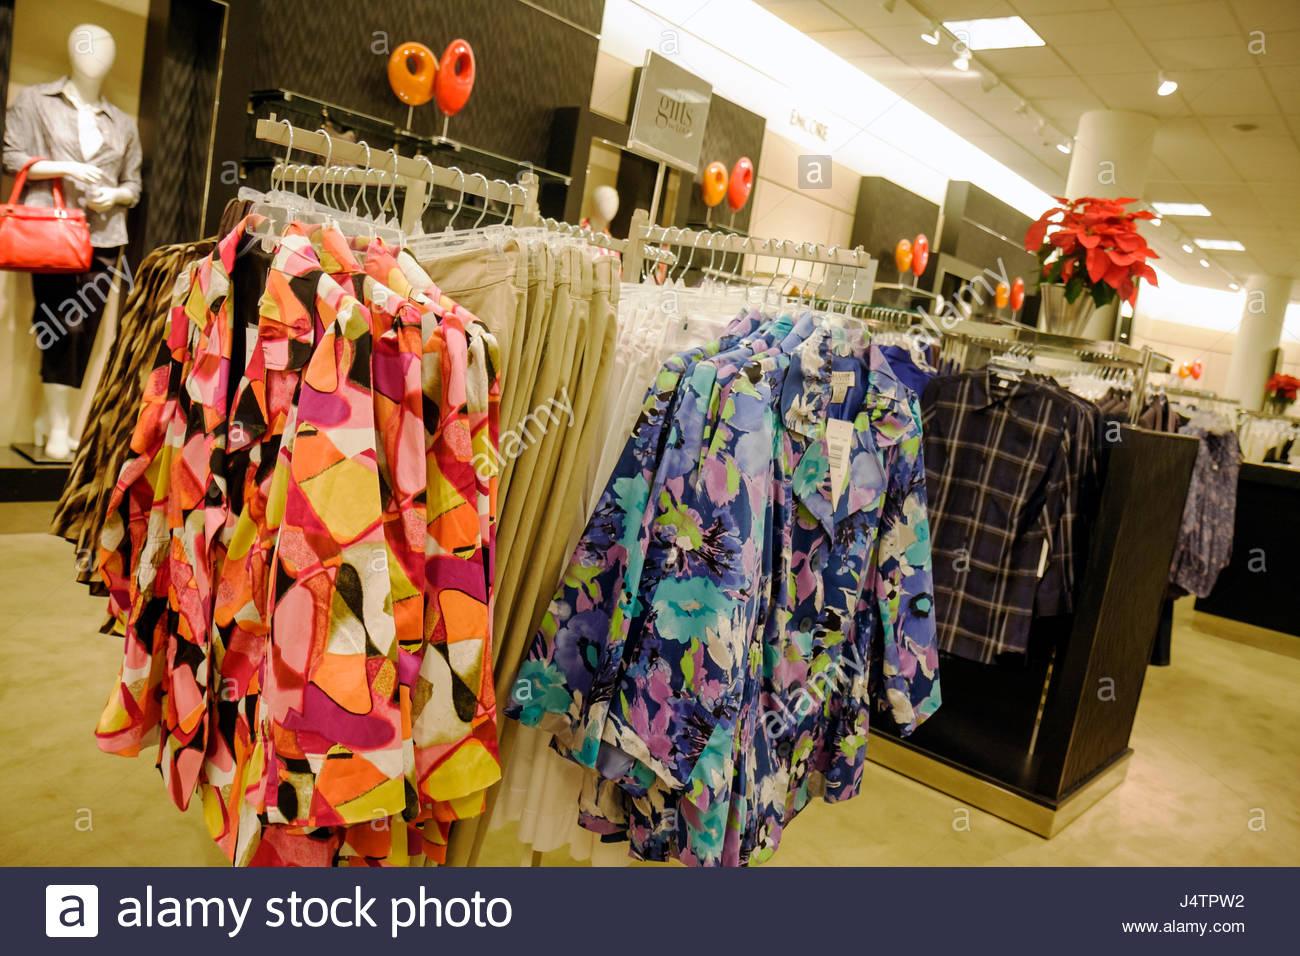 Palm Beach Gardens Los Jardines Florida Mall Nordstrom department store  negocio minorista de tiendas de moda 8389935f225d